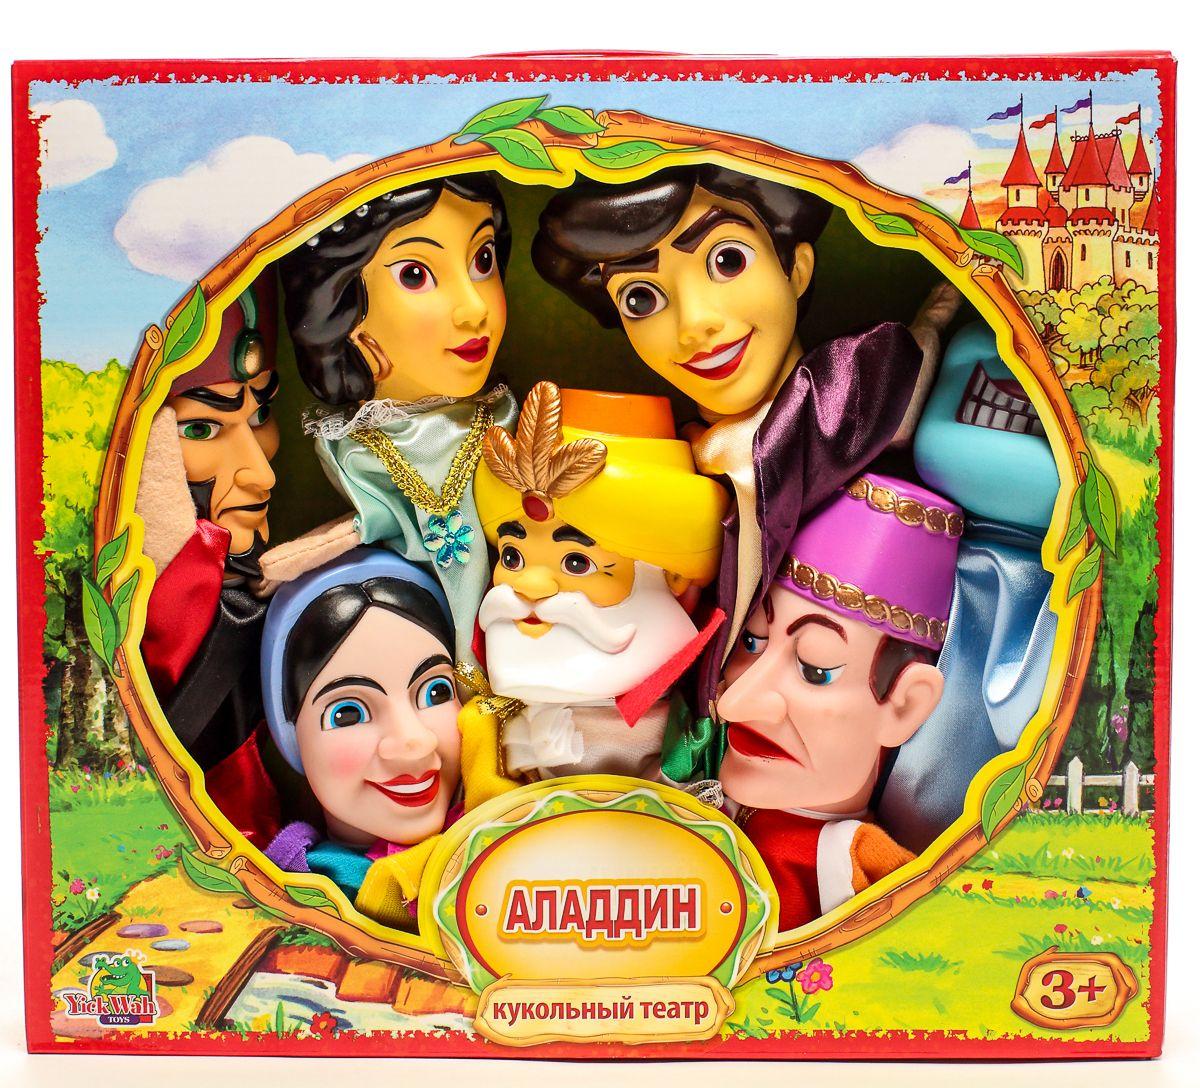 Yick Wah Кукольный театр Алладин7128S/7Кукольный театр создан на основе всем известной сказки.Набор состоит из 7-и кукол-марионеток большого размера,одевающихся на кисть руки.Куклы обладают высокой прочностью,безопасностью.Доставляют малышам масс приятных и радостных эмоций